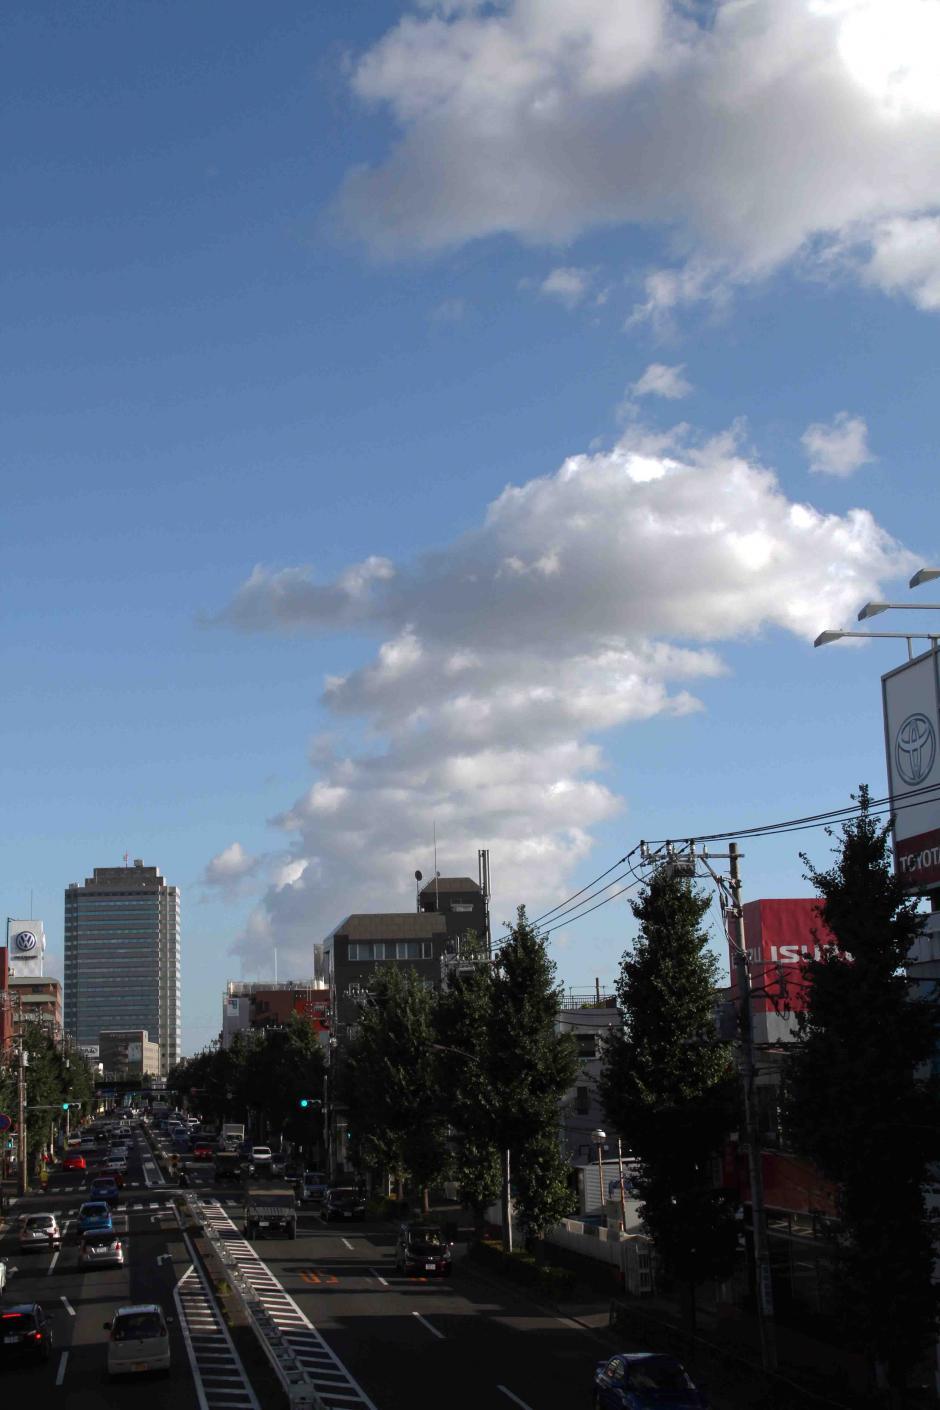 環八雲 20120819(3) 16時50分 笹目通り土支田付近から谷原方面